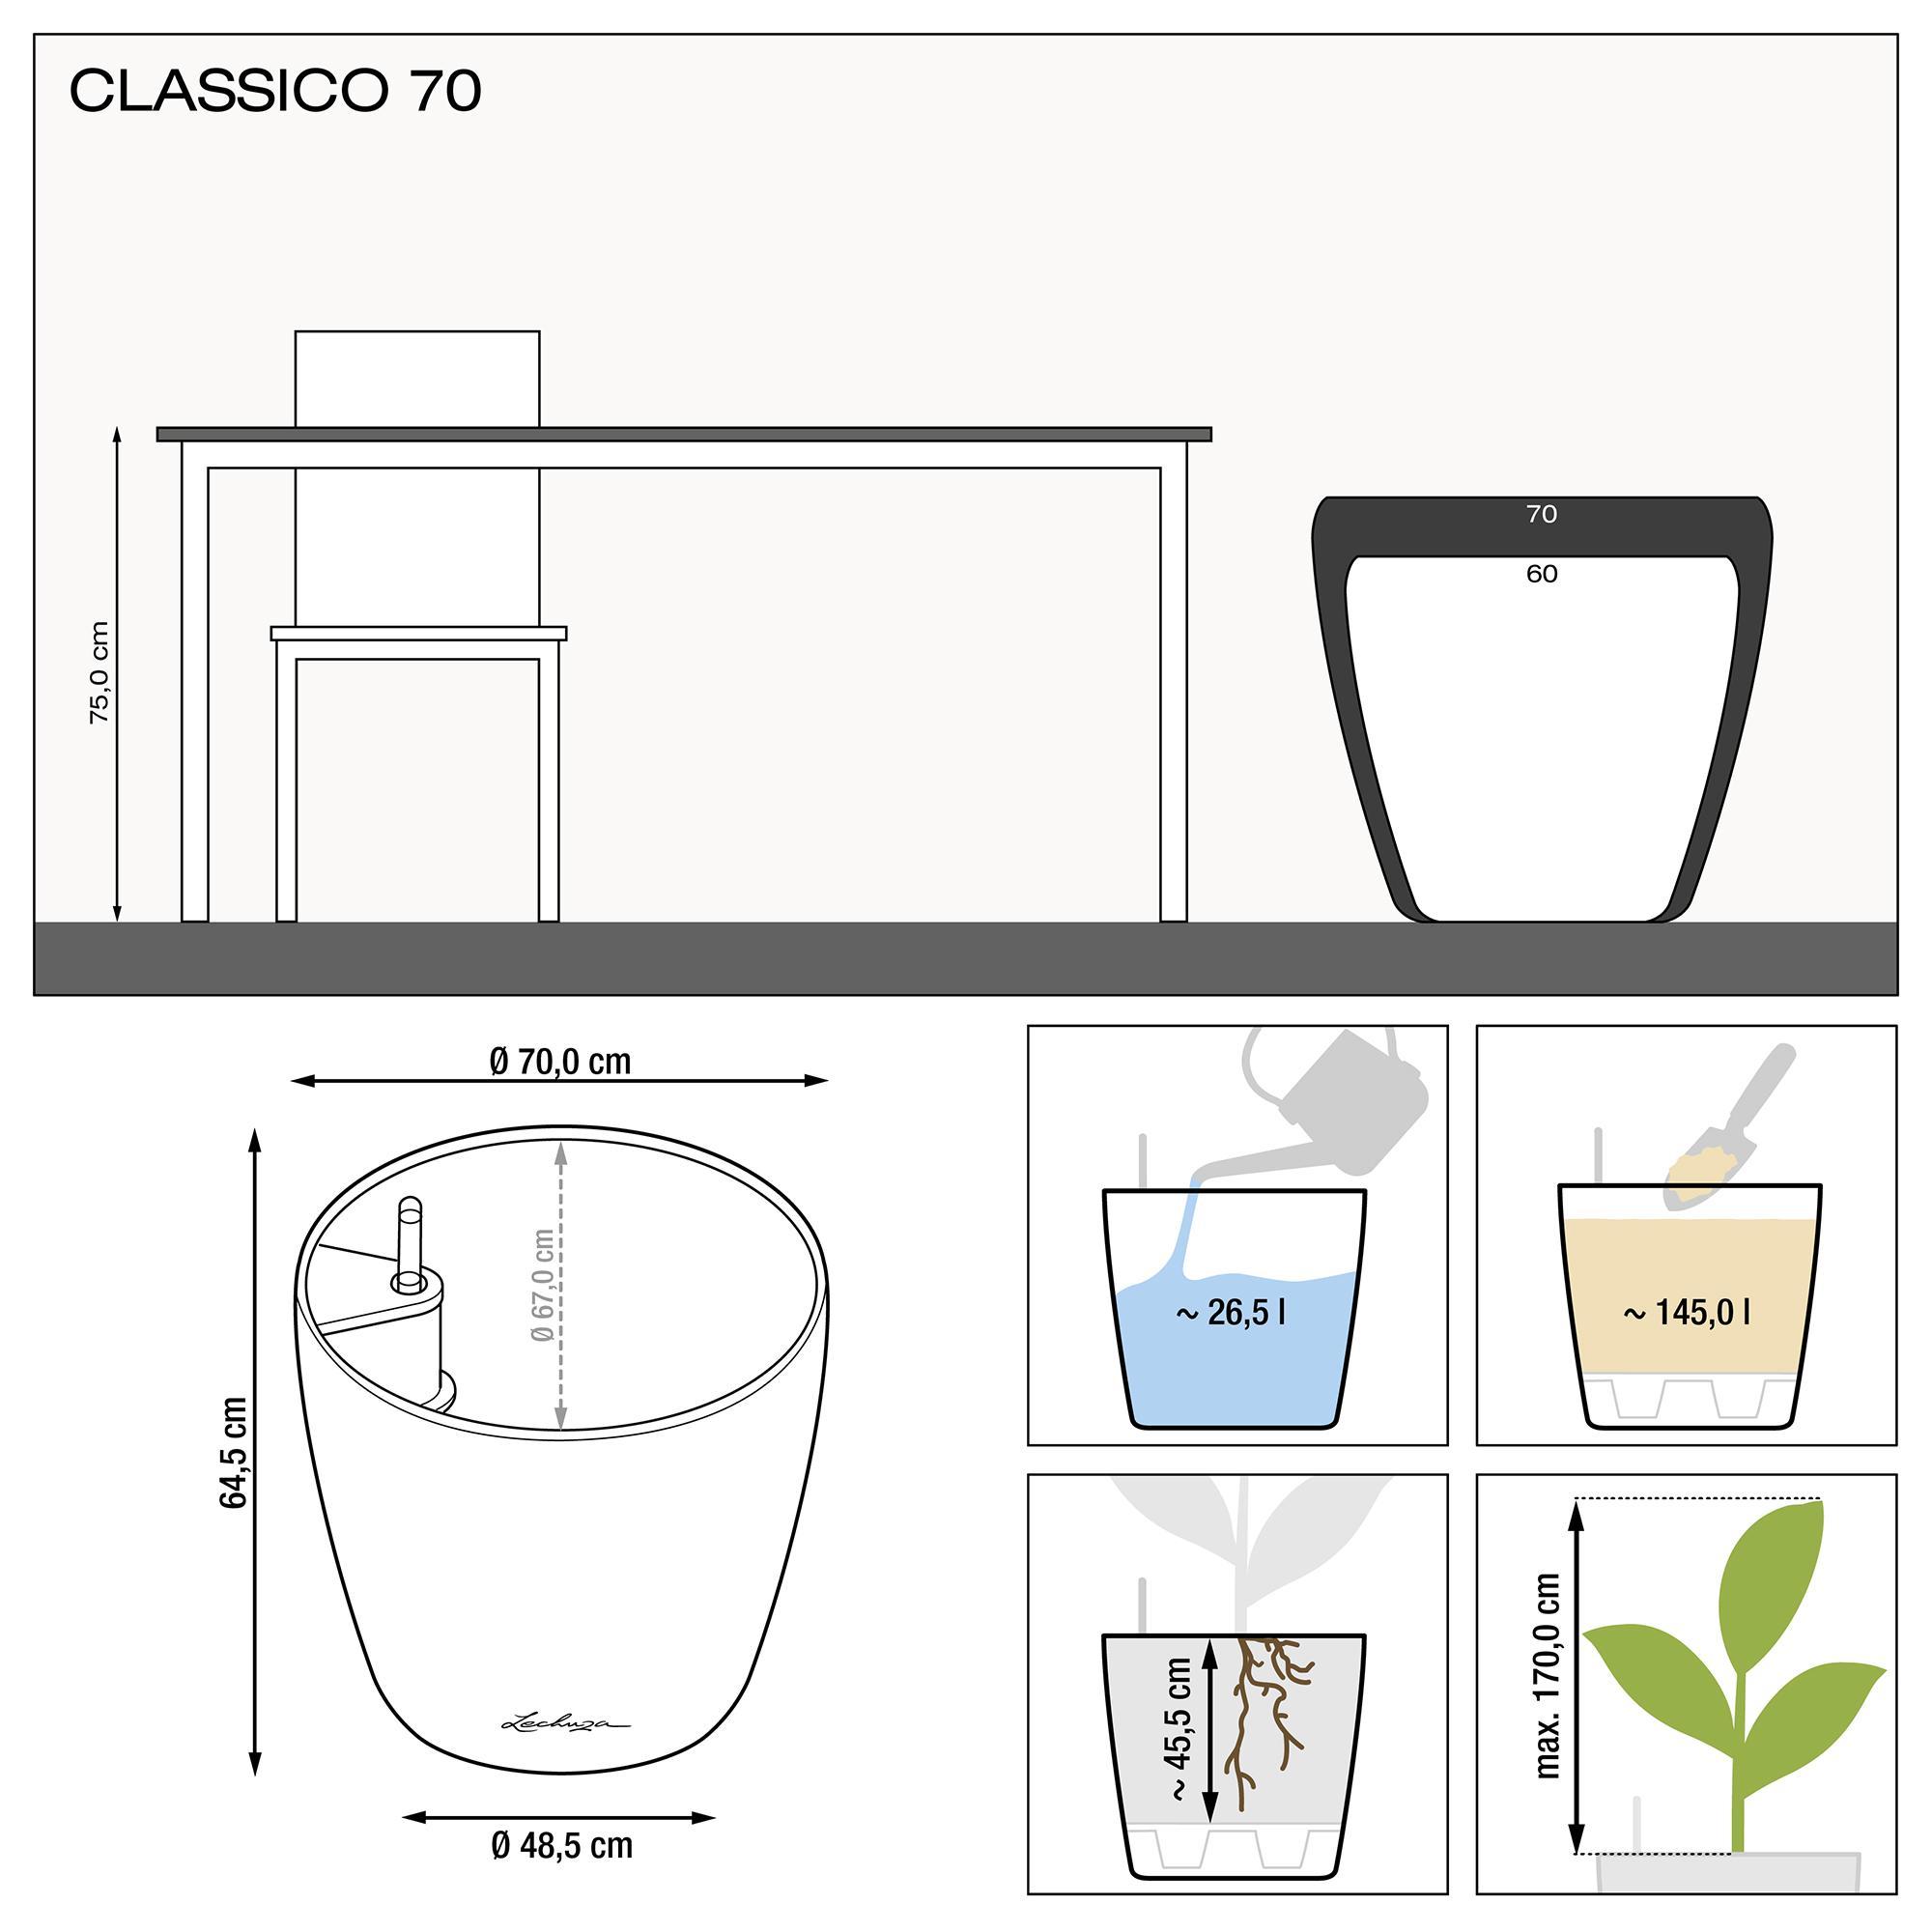 CLASSICO 70 noir brillant - Image 2